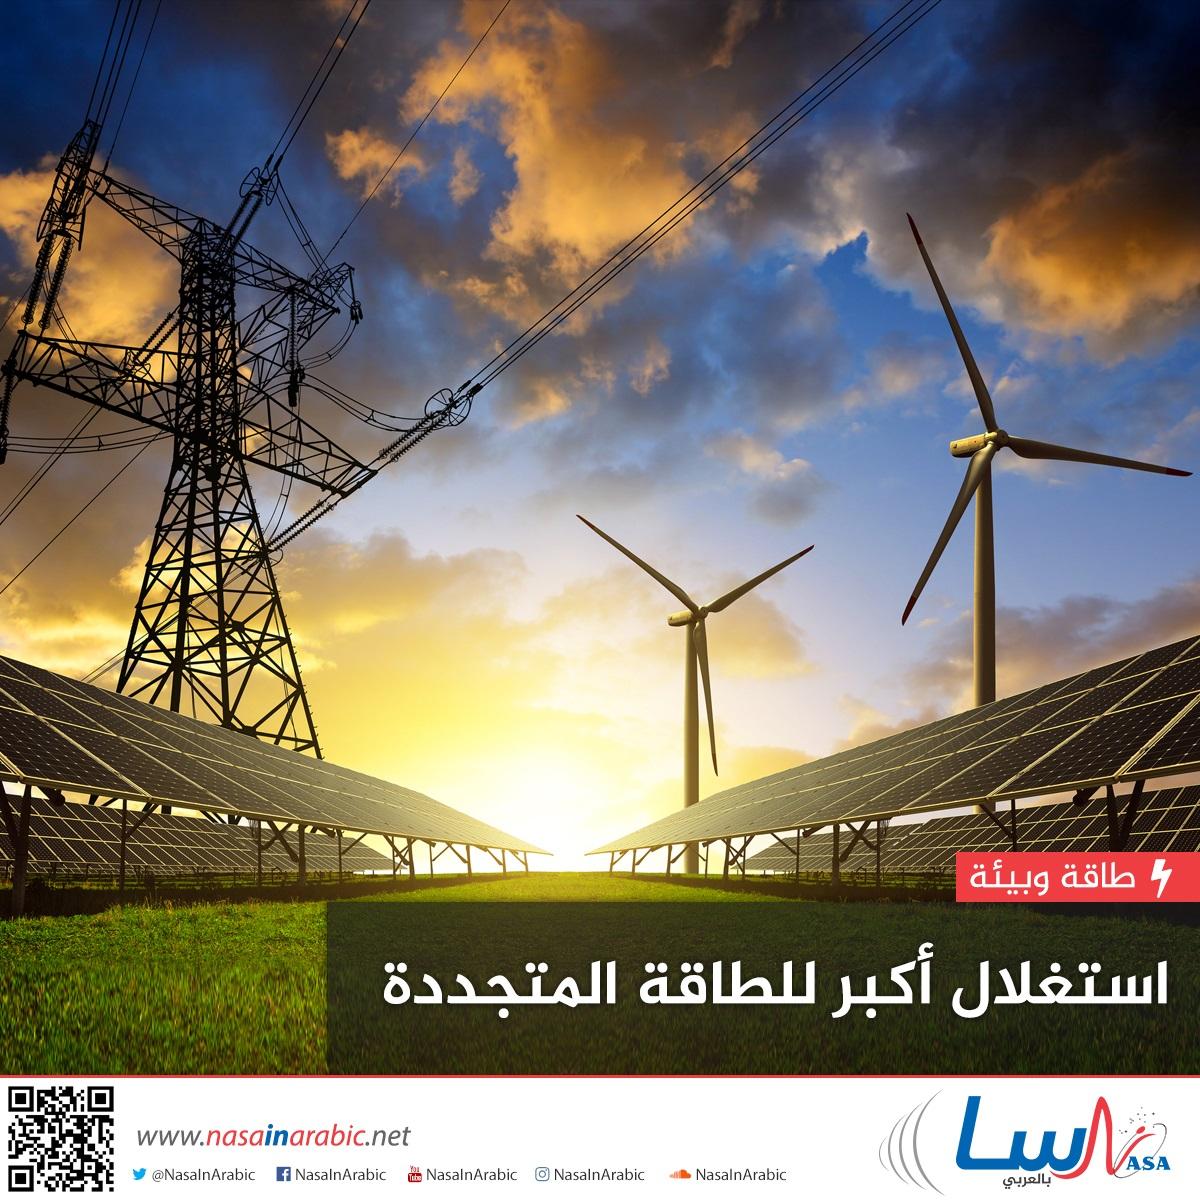 استغلال أكبر للطاقة المتجددة